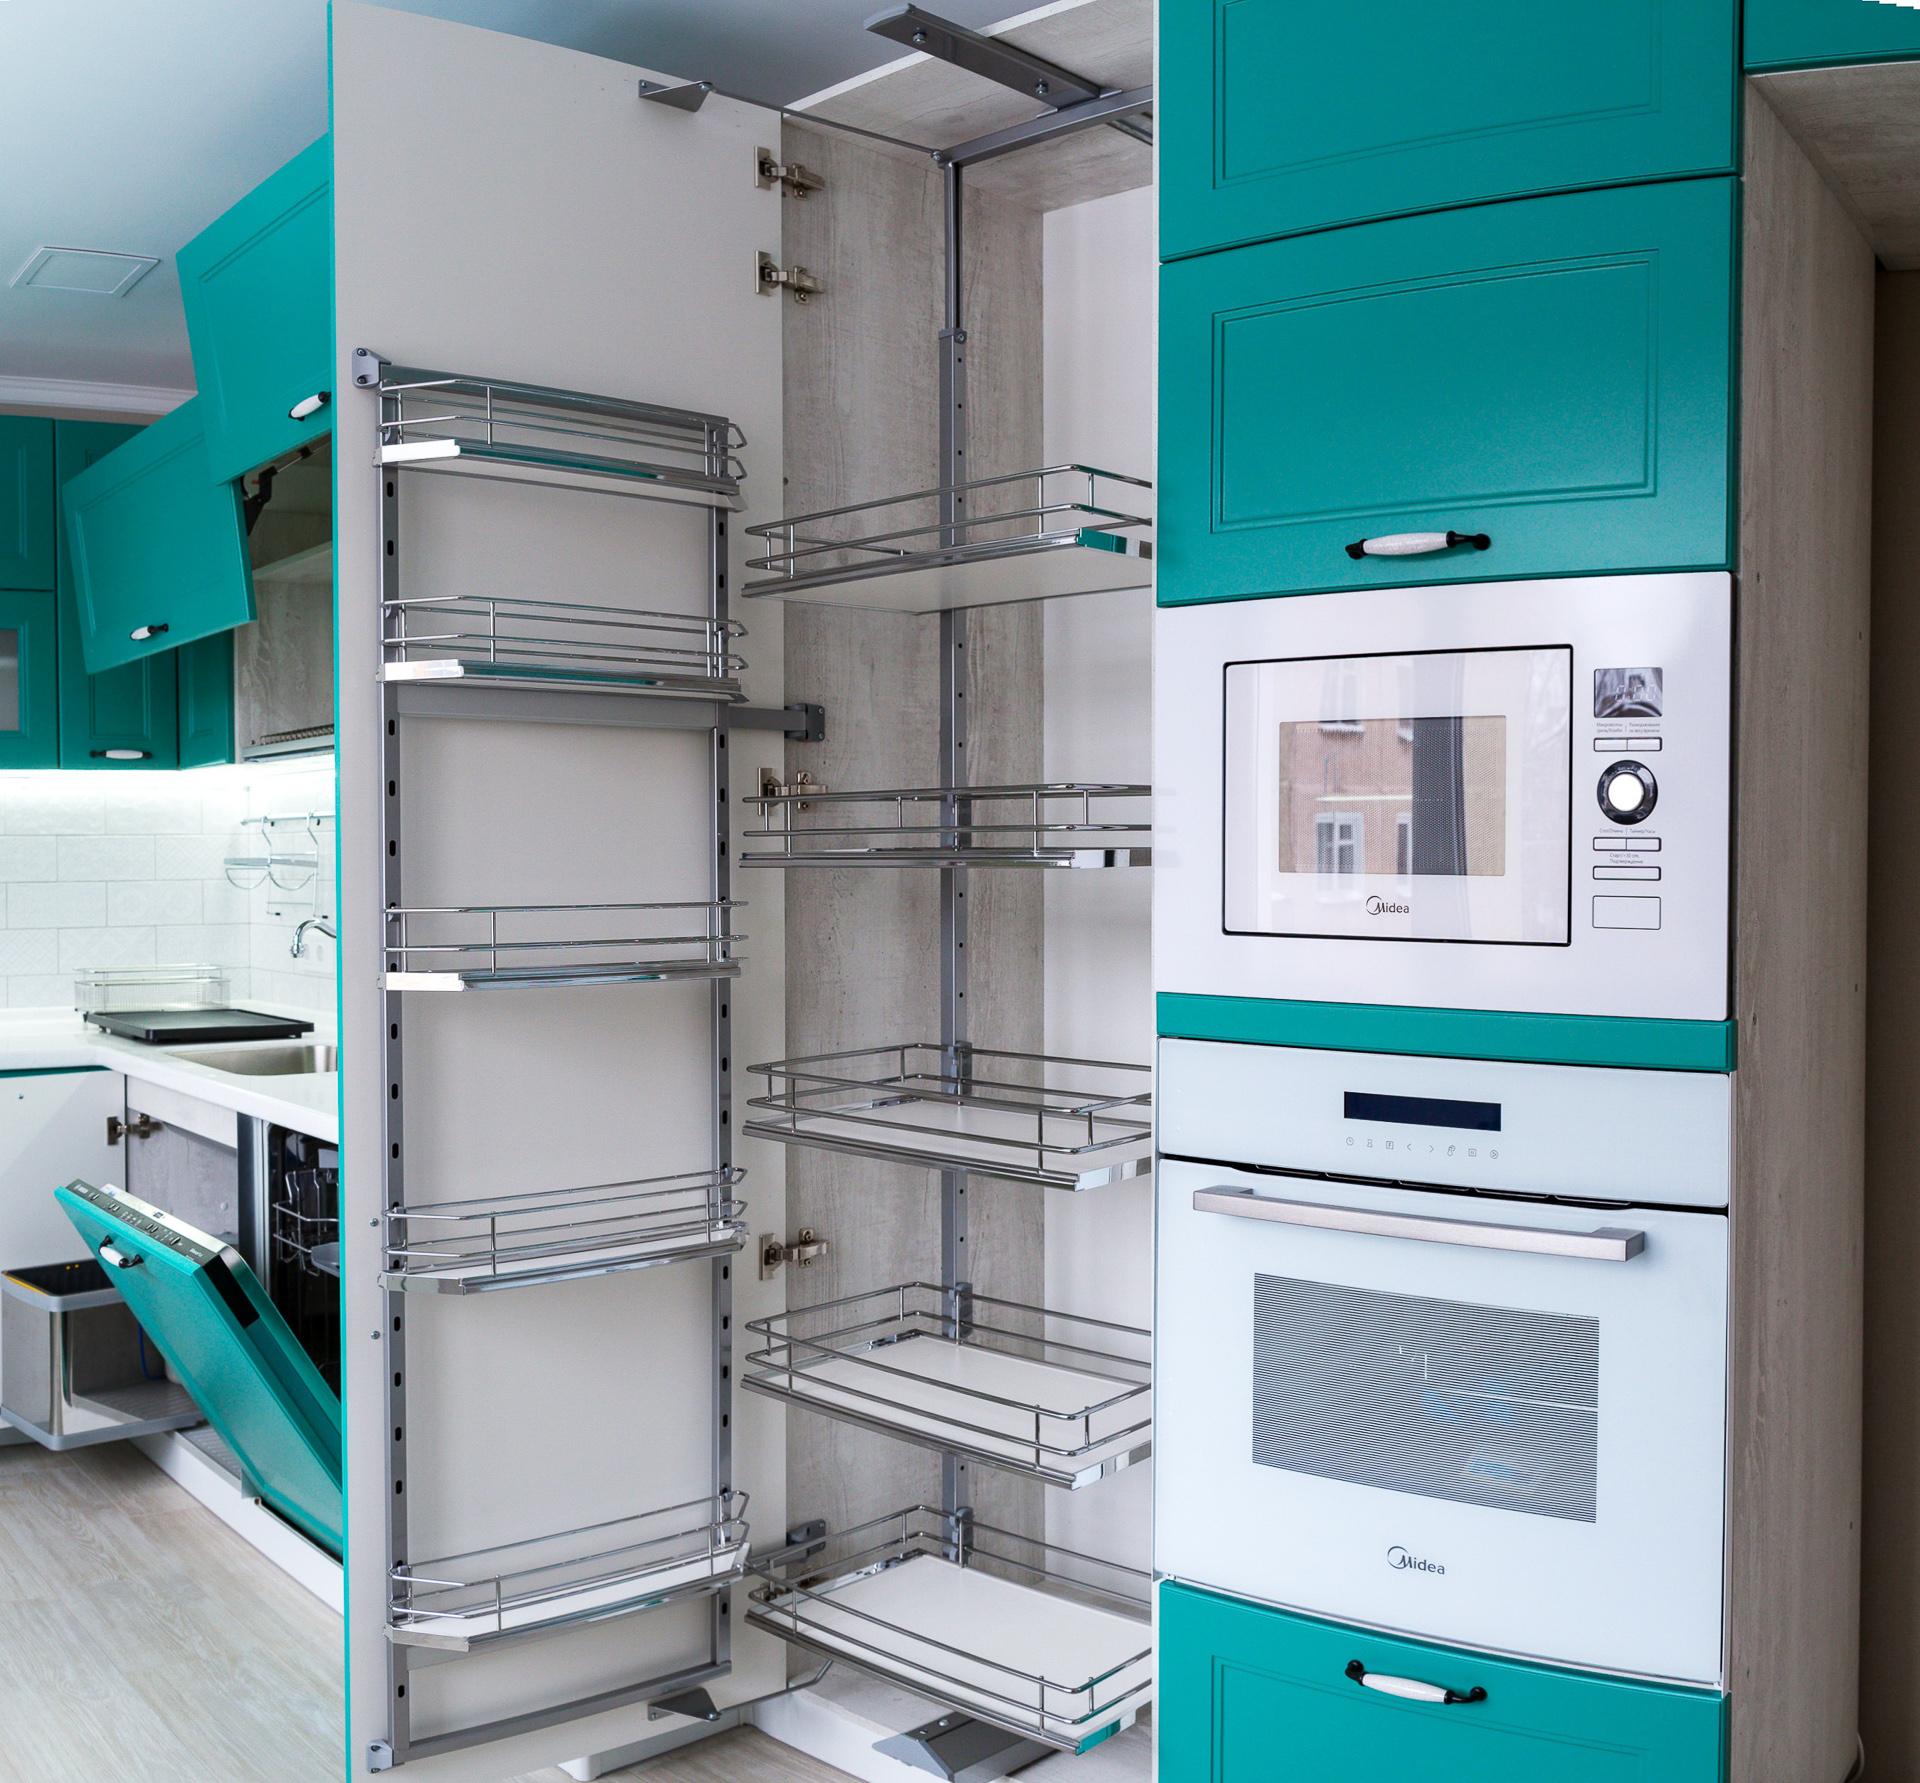 Современная кухня в бирюзовом цвете